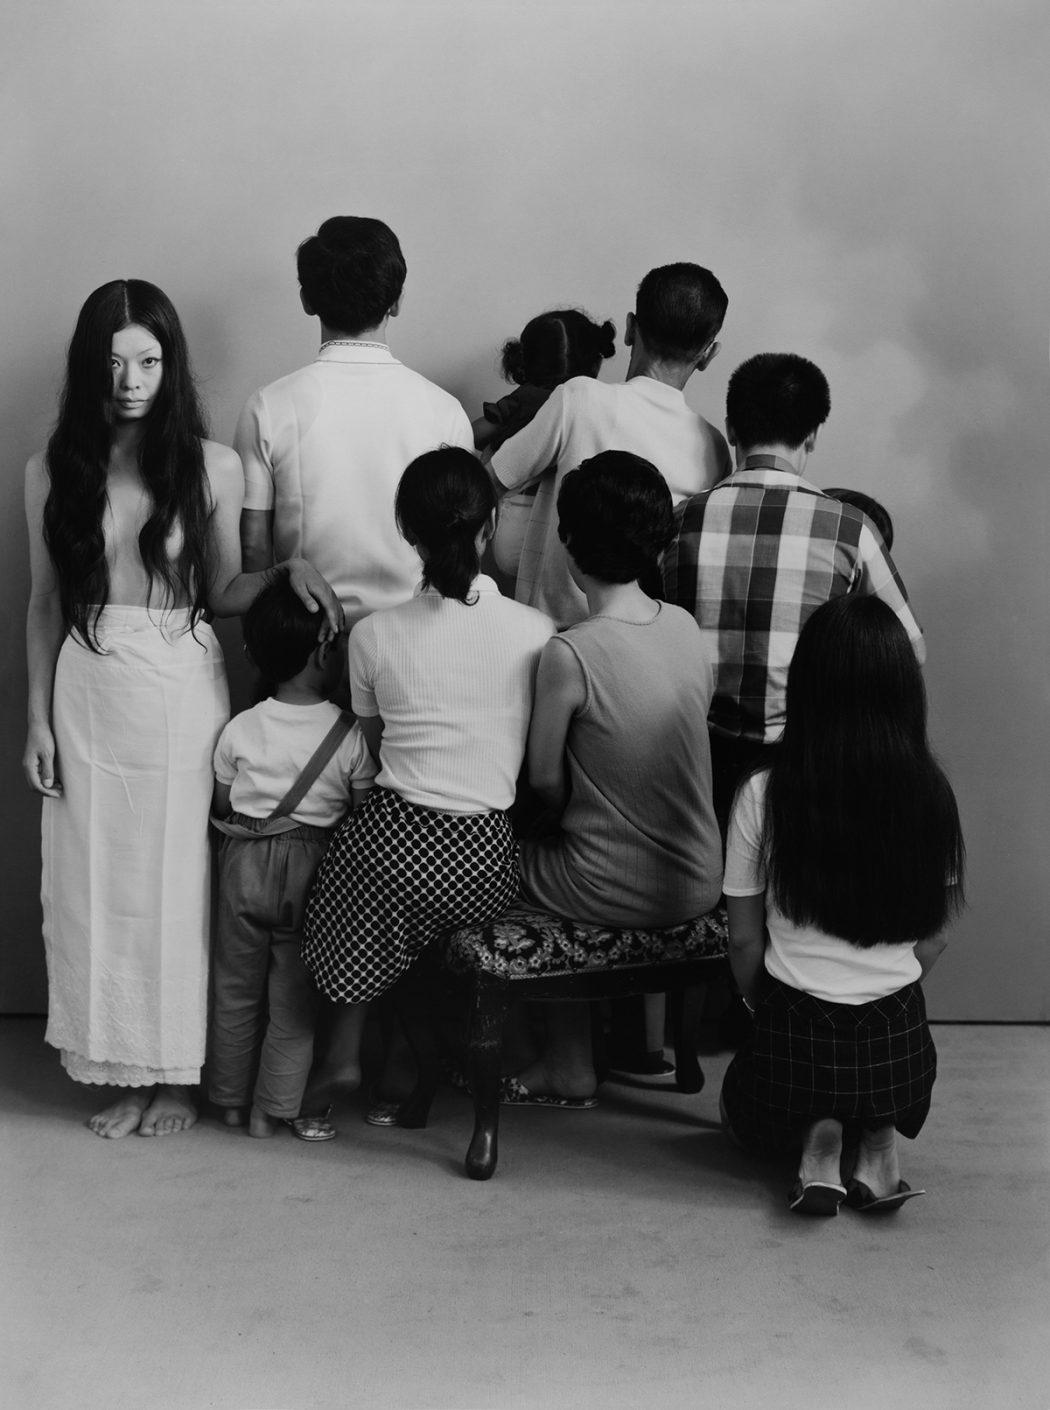 Masahisa Fukase - Family